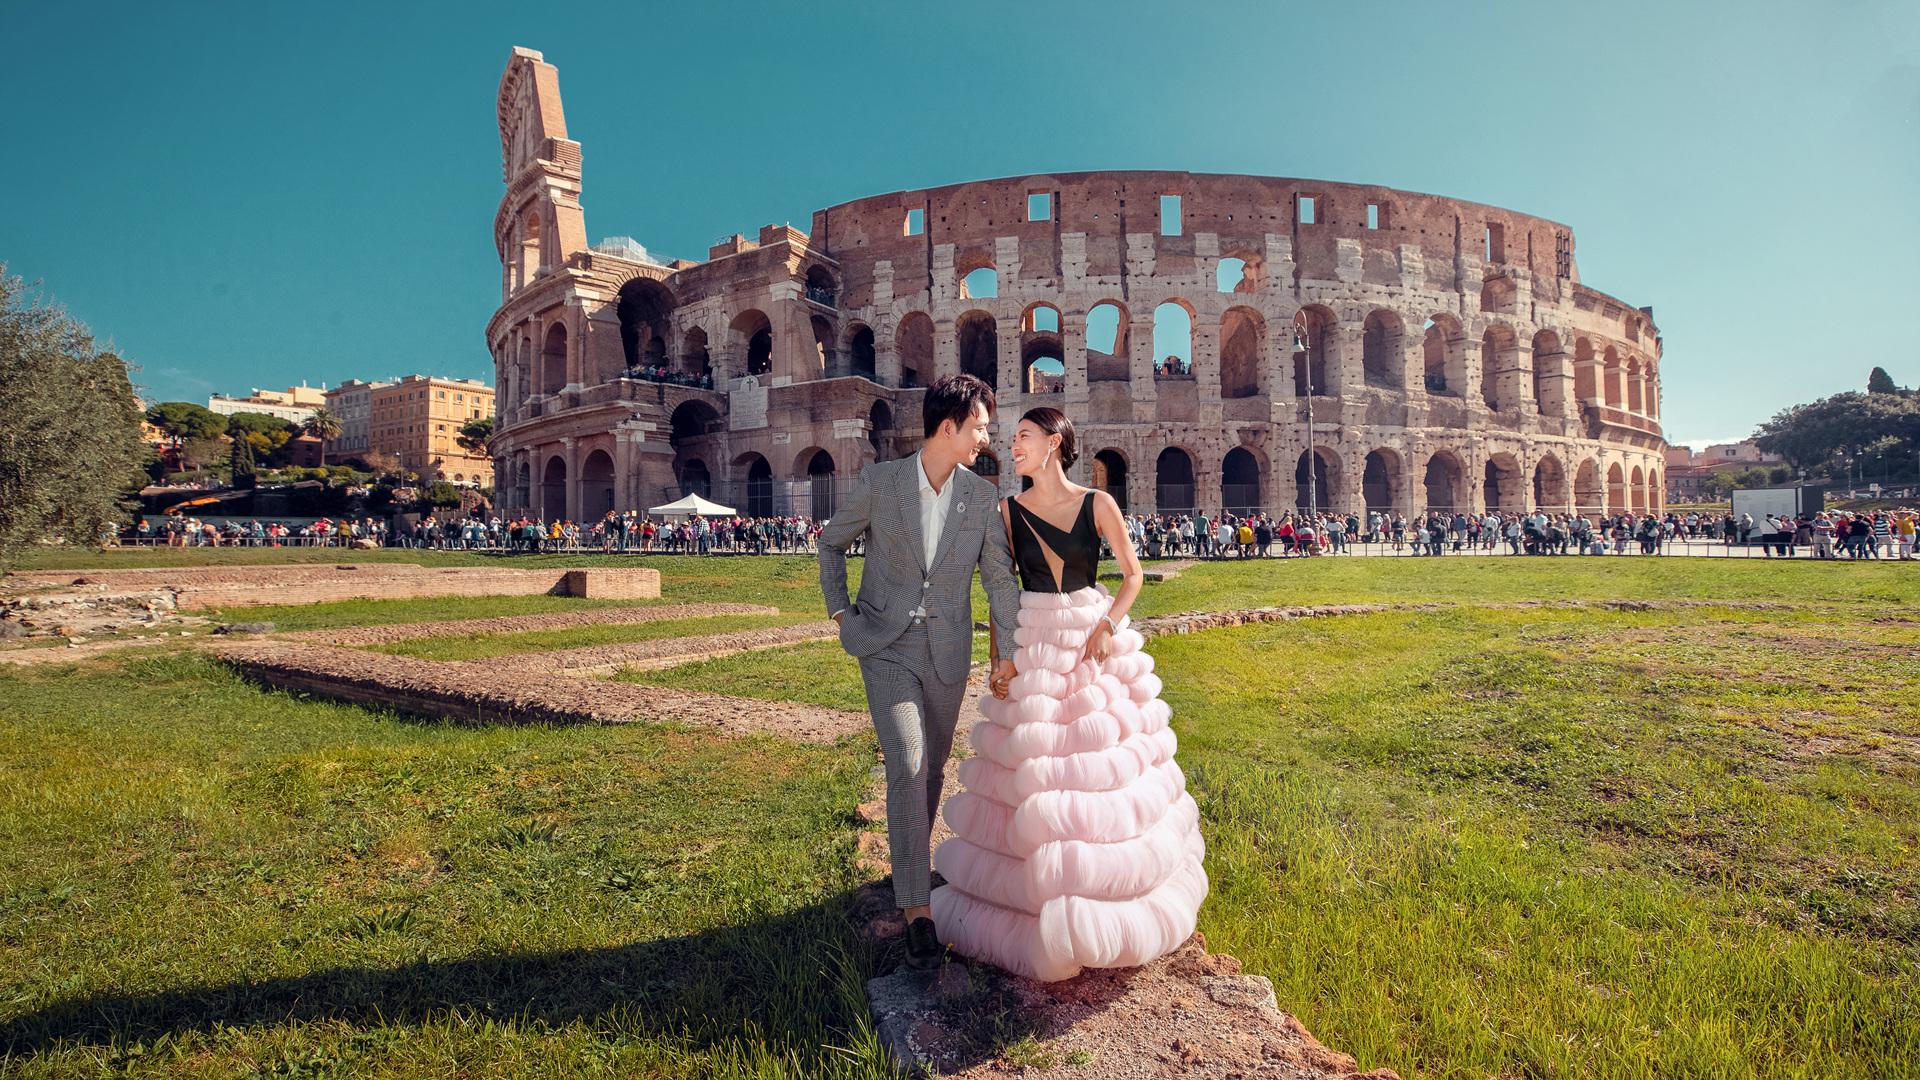 婚纱照要提前多久预定 厦门婚纱照预定时间建议一览